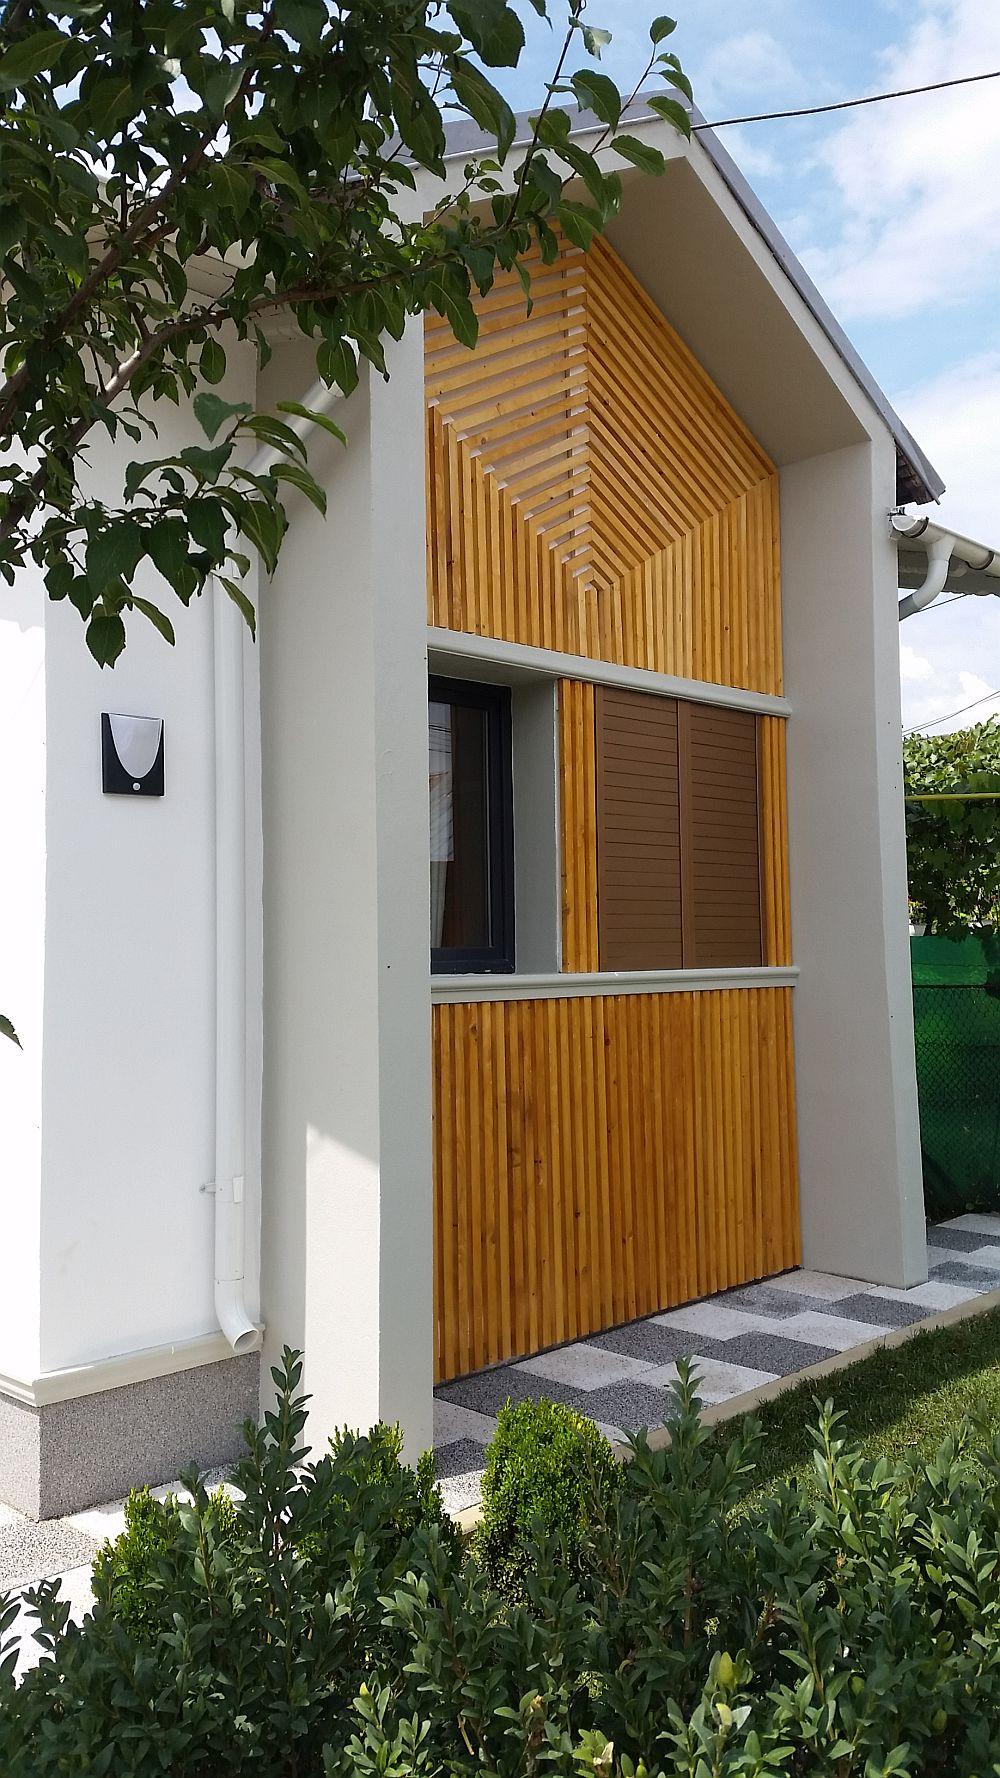 La exterior fațada principală a casei a fost regîndită de către colegul nostru arh. Valentin Ionașcu cu riflaje din lemn fixate de zidărie.